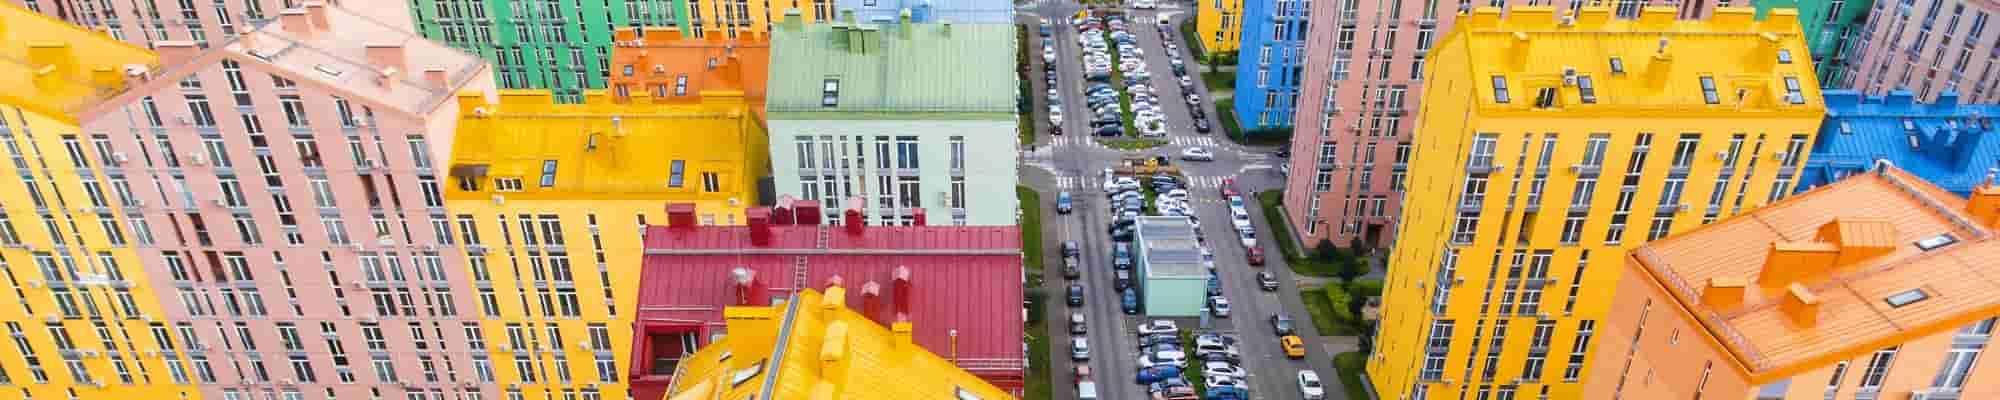 Comfort Town in Kiev